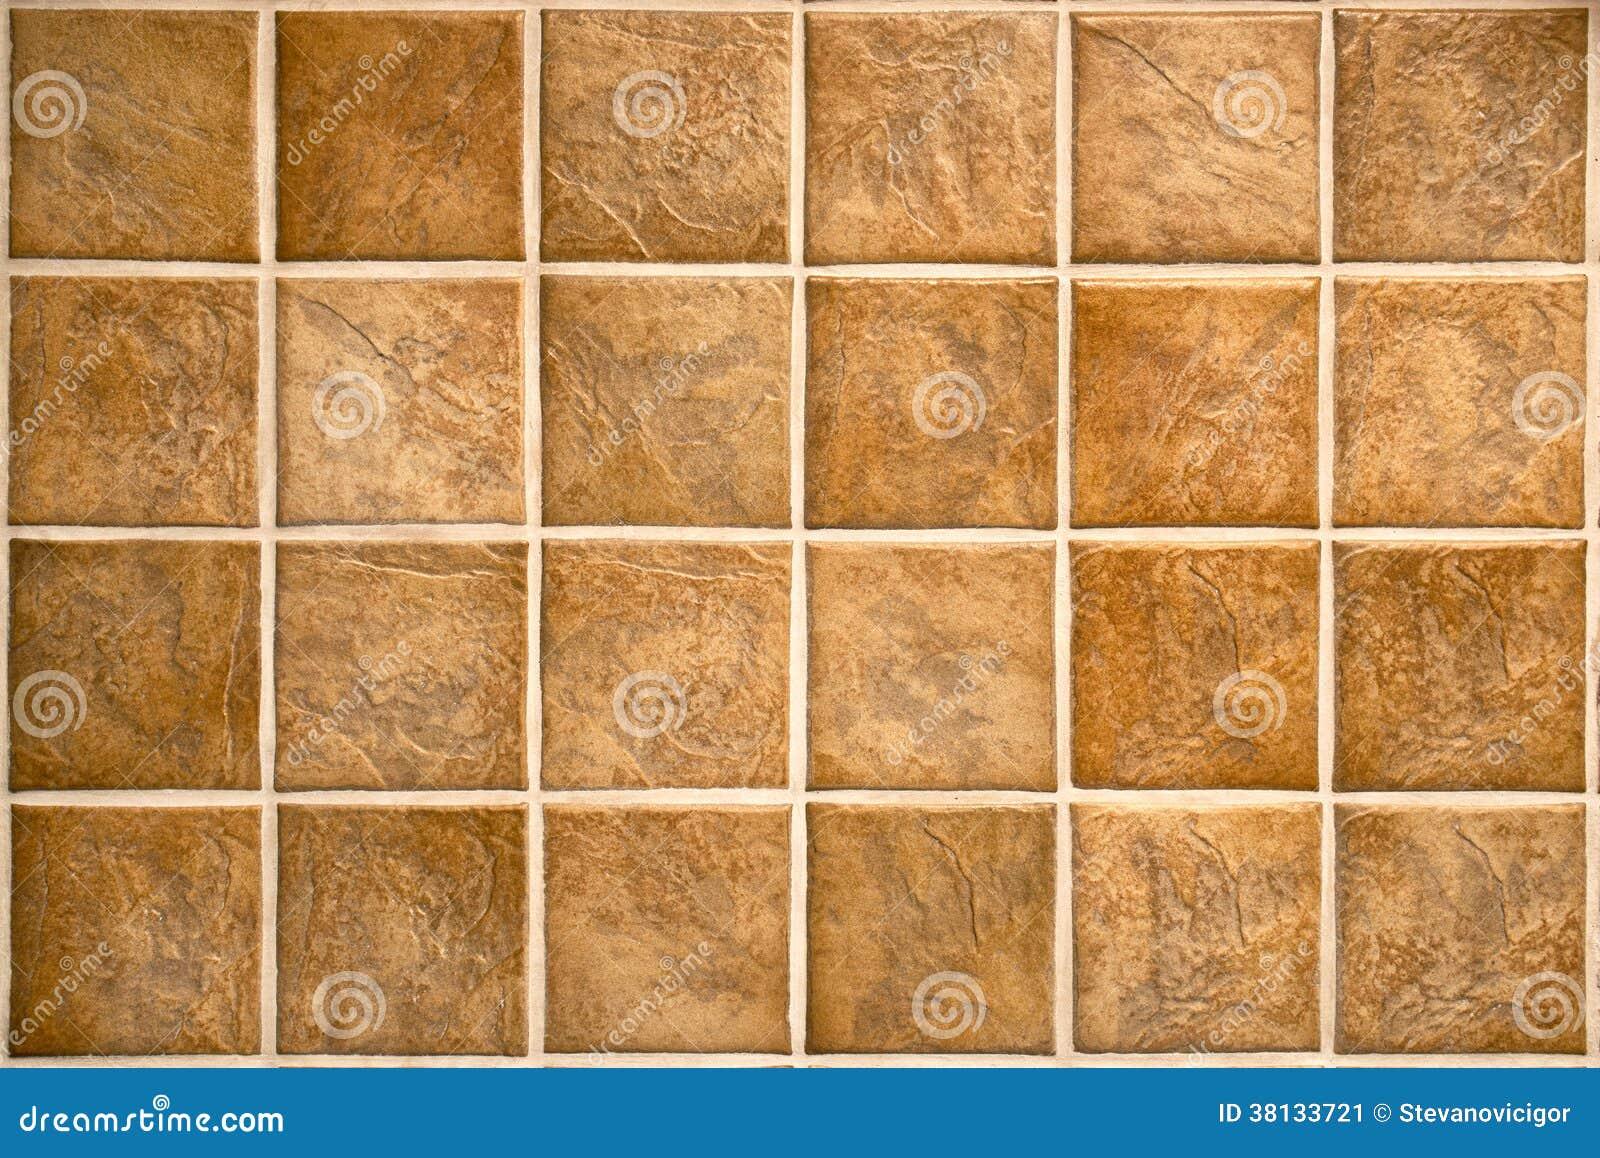 Piastrelle di ceramica beige del mosaico per la parete o il pavimento immagine stock immagine - Piastrelle a mosaico ...